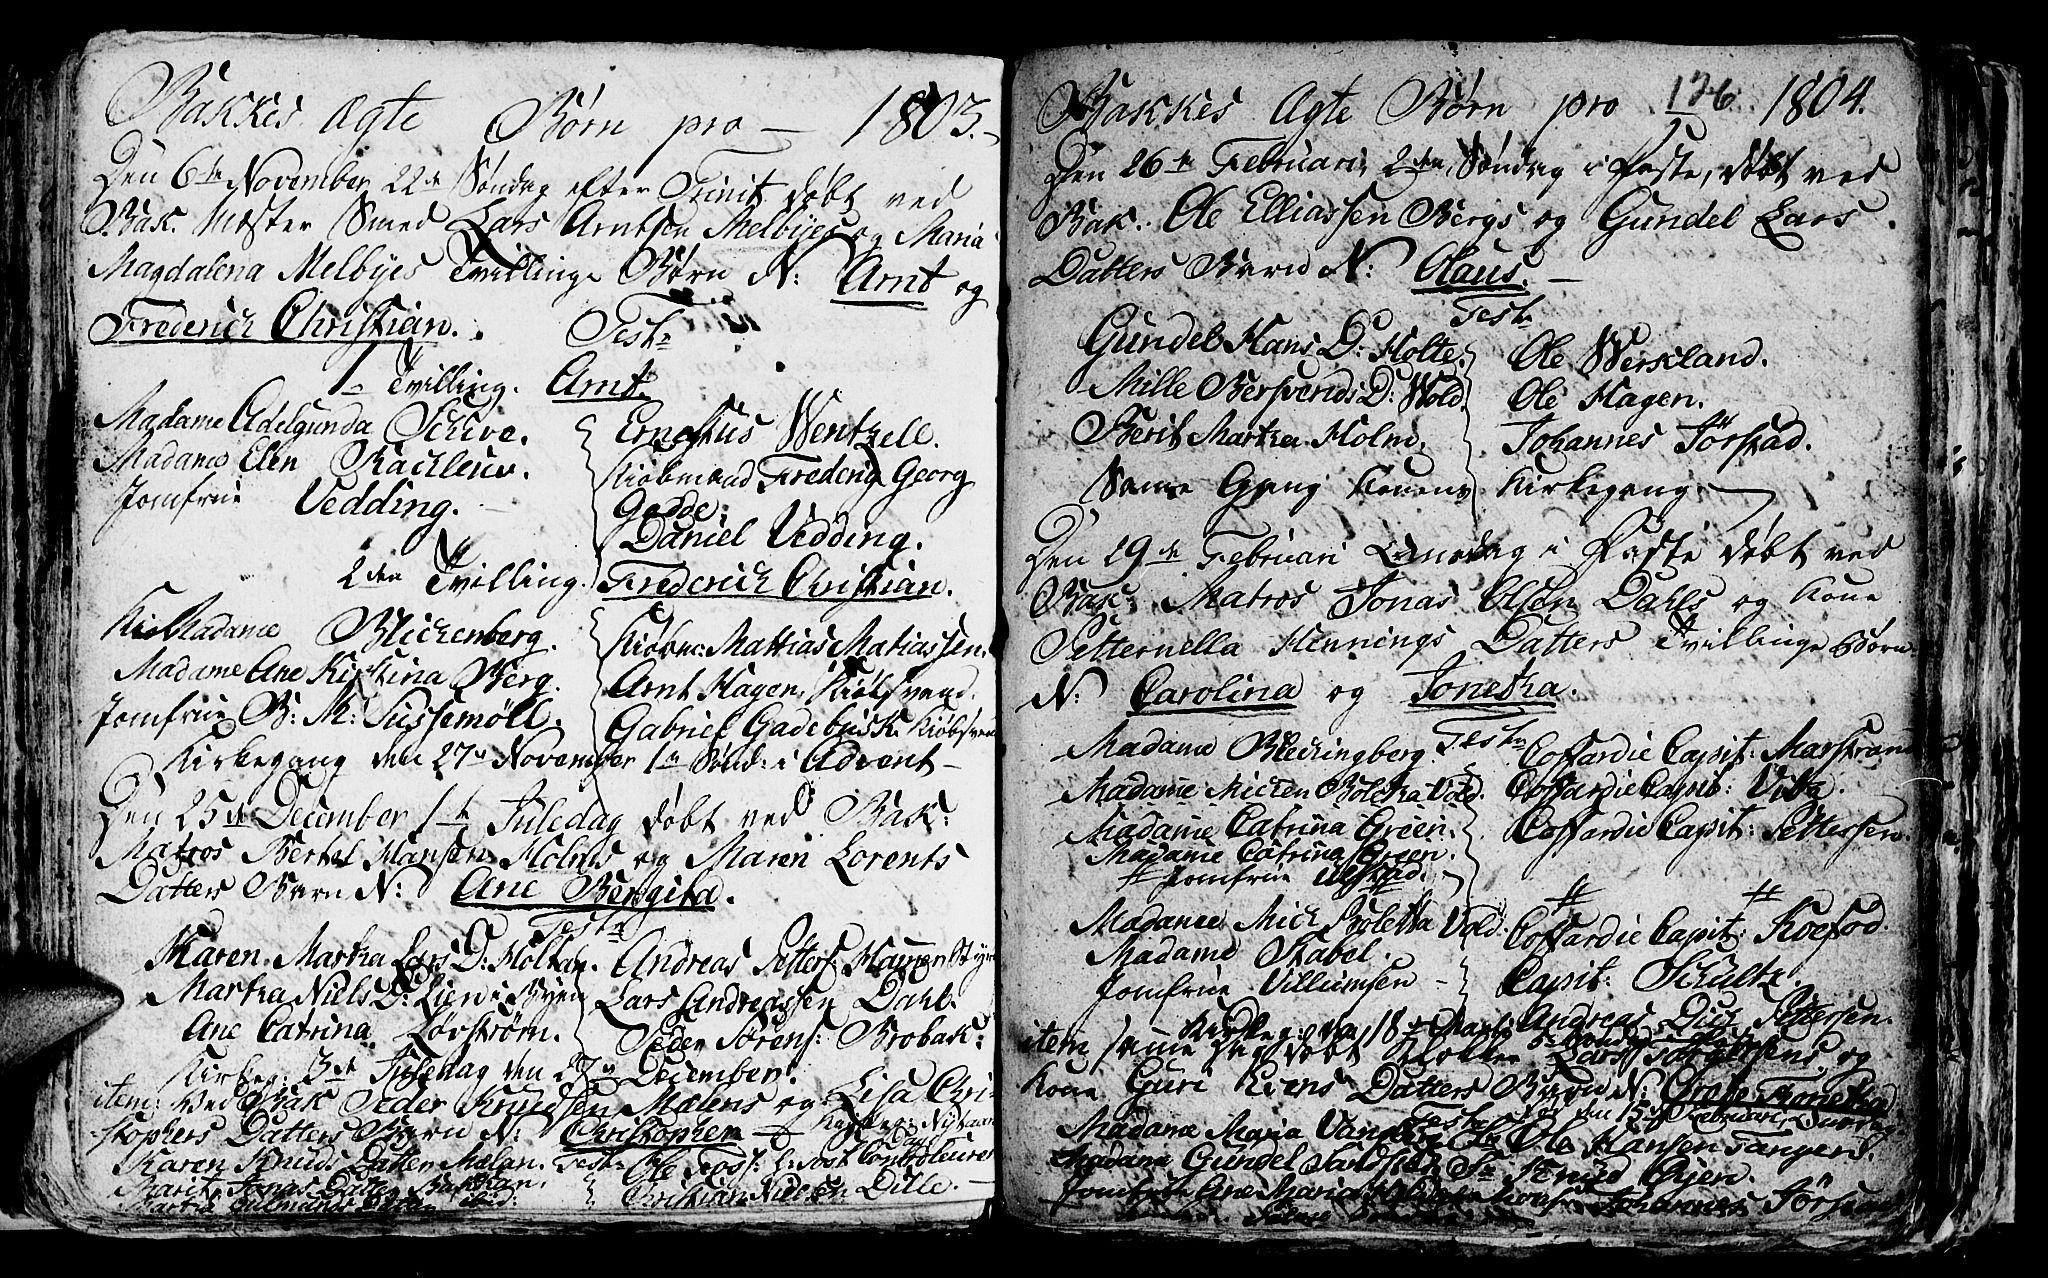 SAT, Ministerialprotokoller, klokkerbøker og fødselsregistre - Sør-Trøndelag, 604/L0218: Klokkerbok nr. 604C01, 1754-1819, s. 126